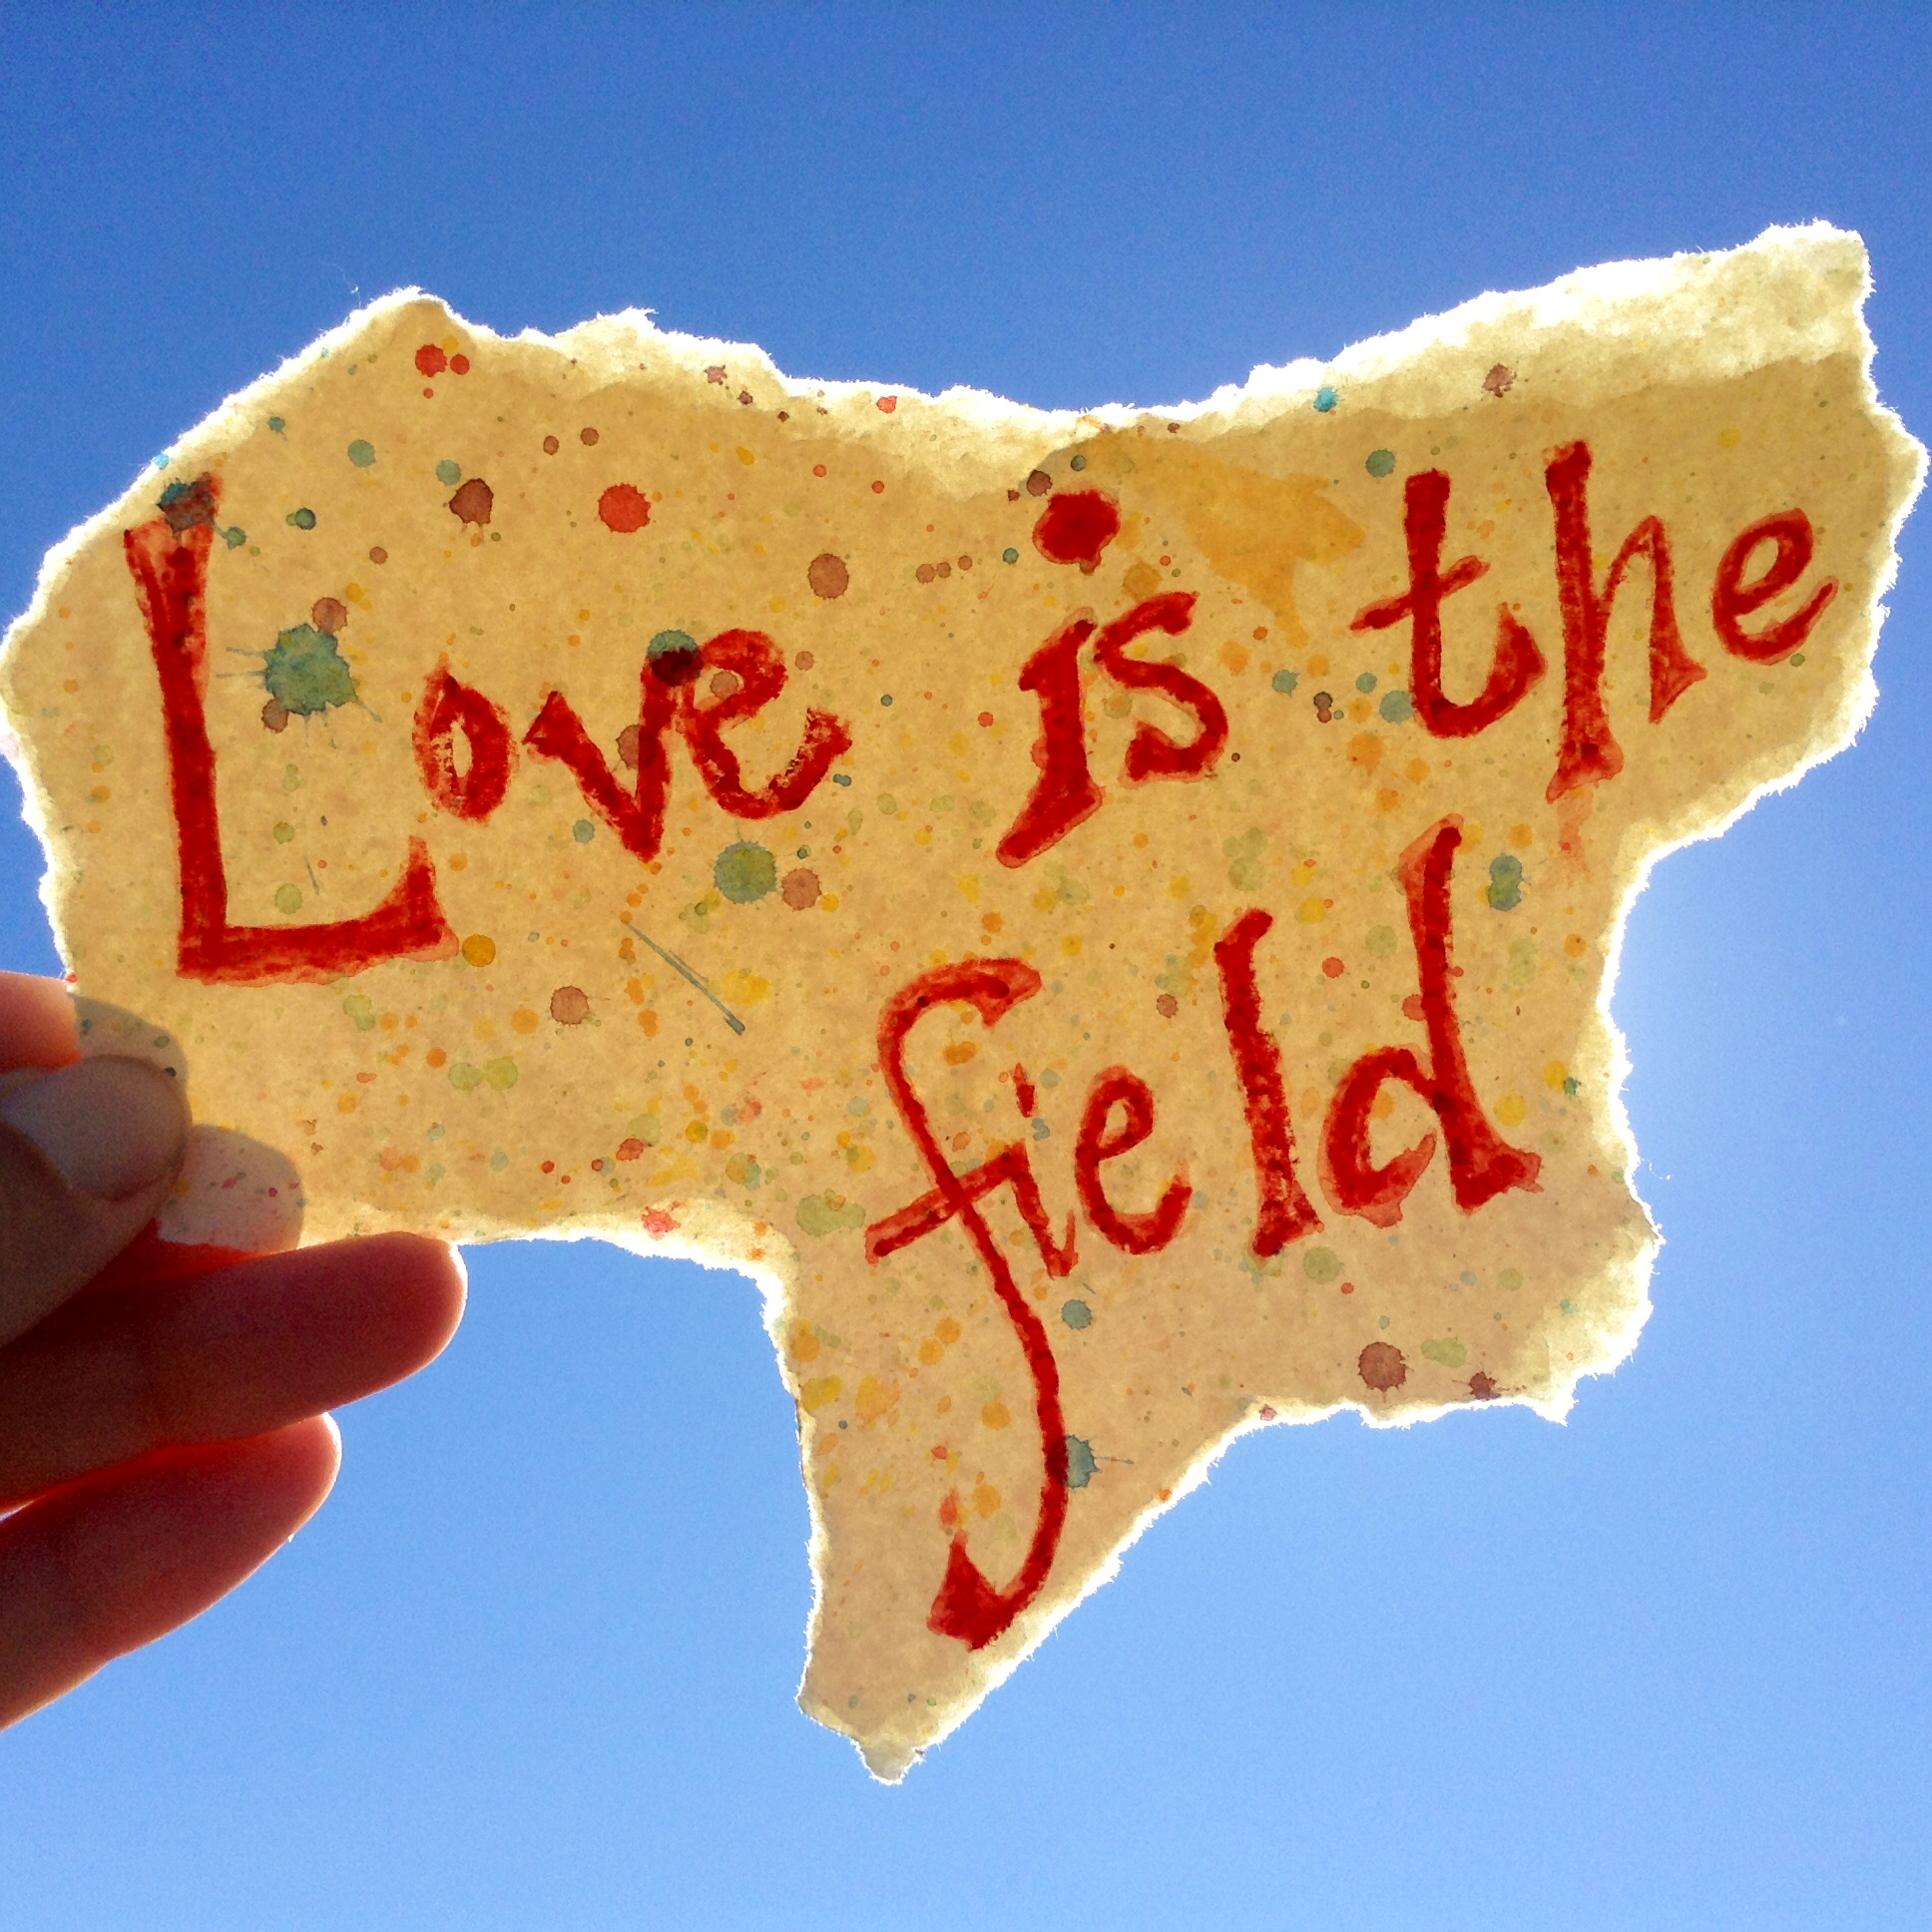 loveistheField